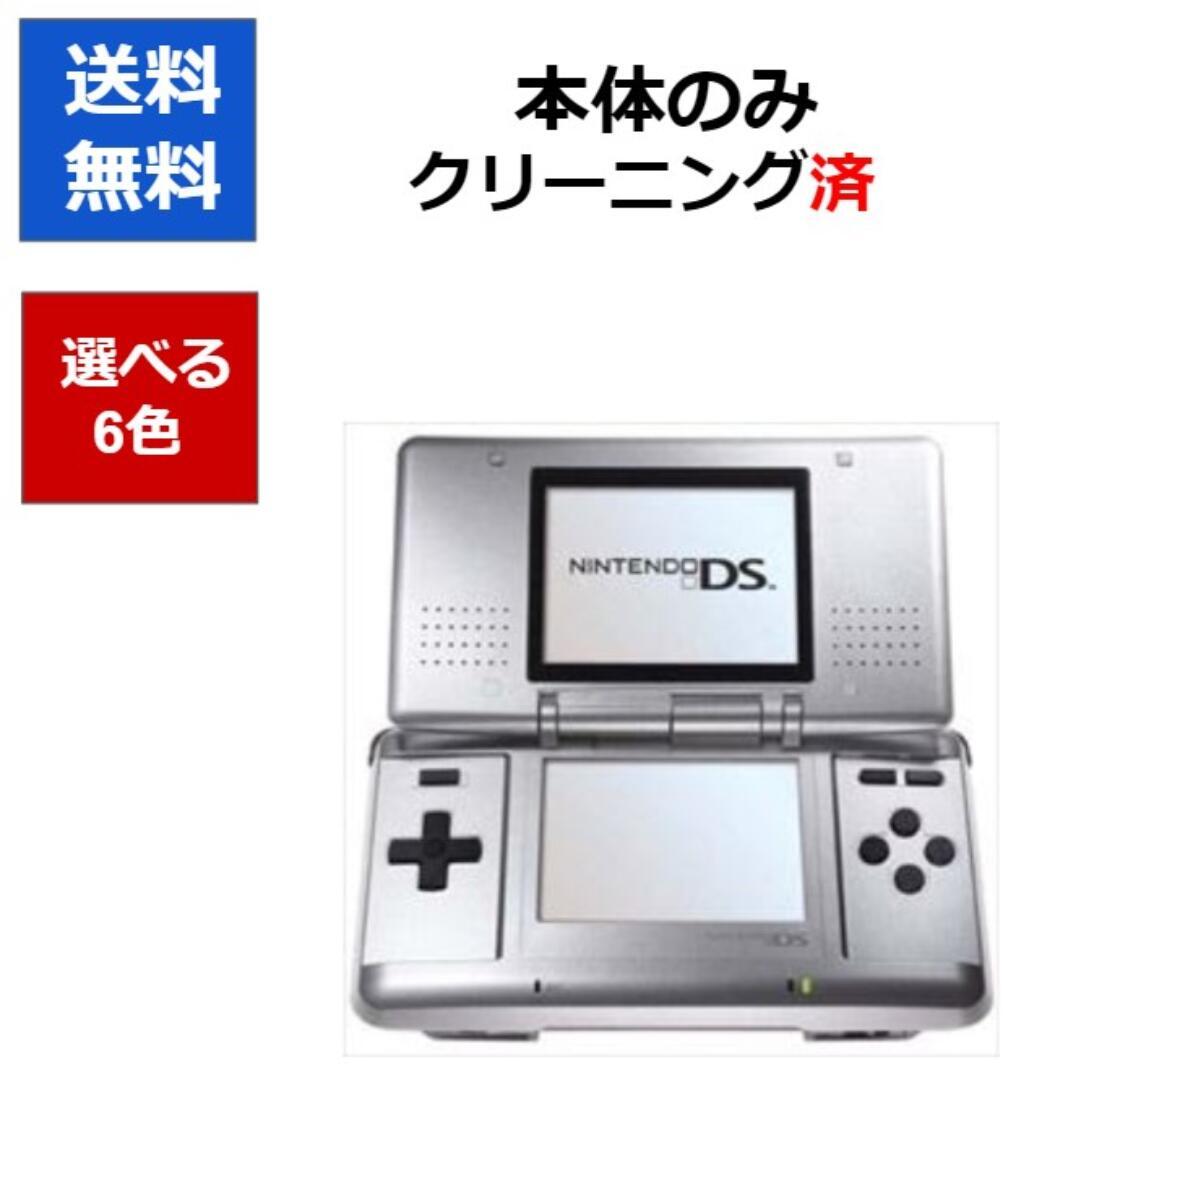 送料無料 DS ニンテンドーDS 本体 選べる6色 安心の定価販売 登場大人気アイテム 本体のみ 中古 任天堂